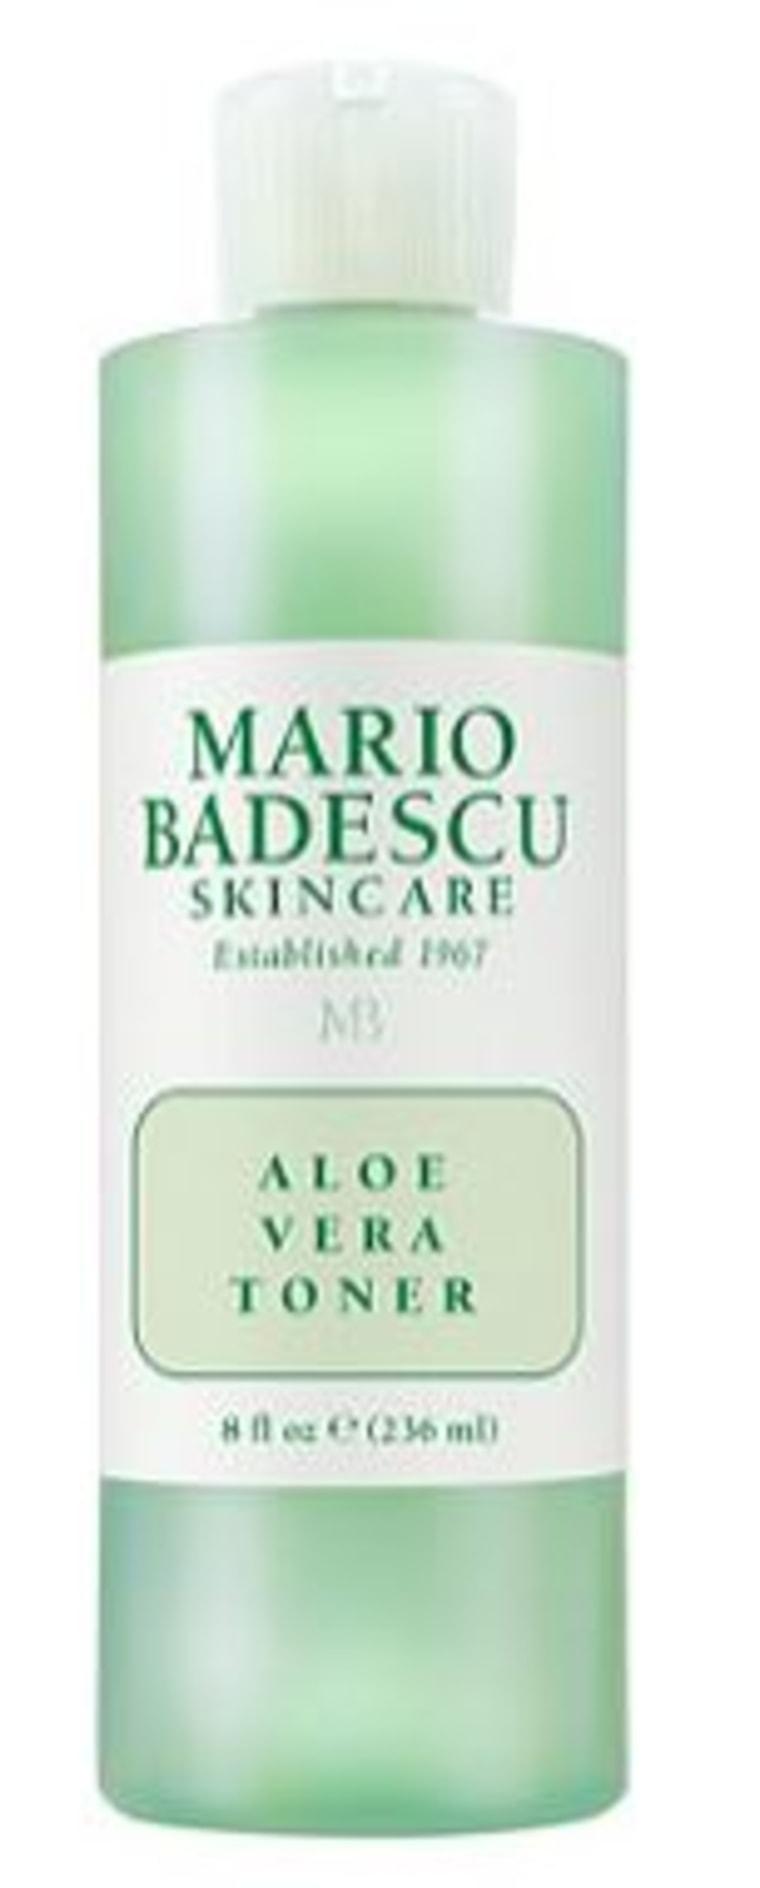 Mario Badescu Aloe Vera Toner